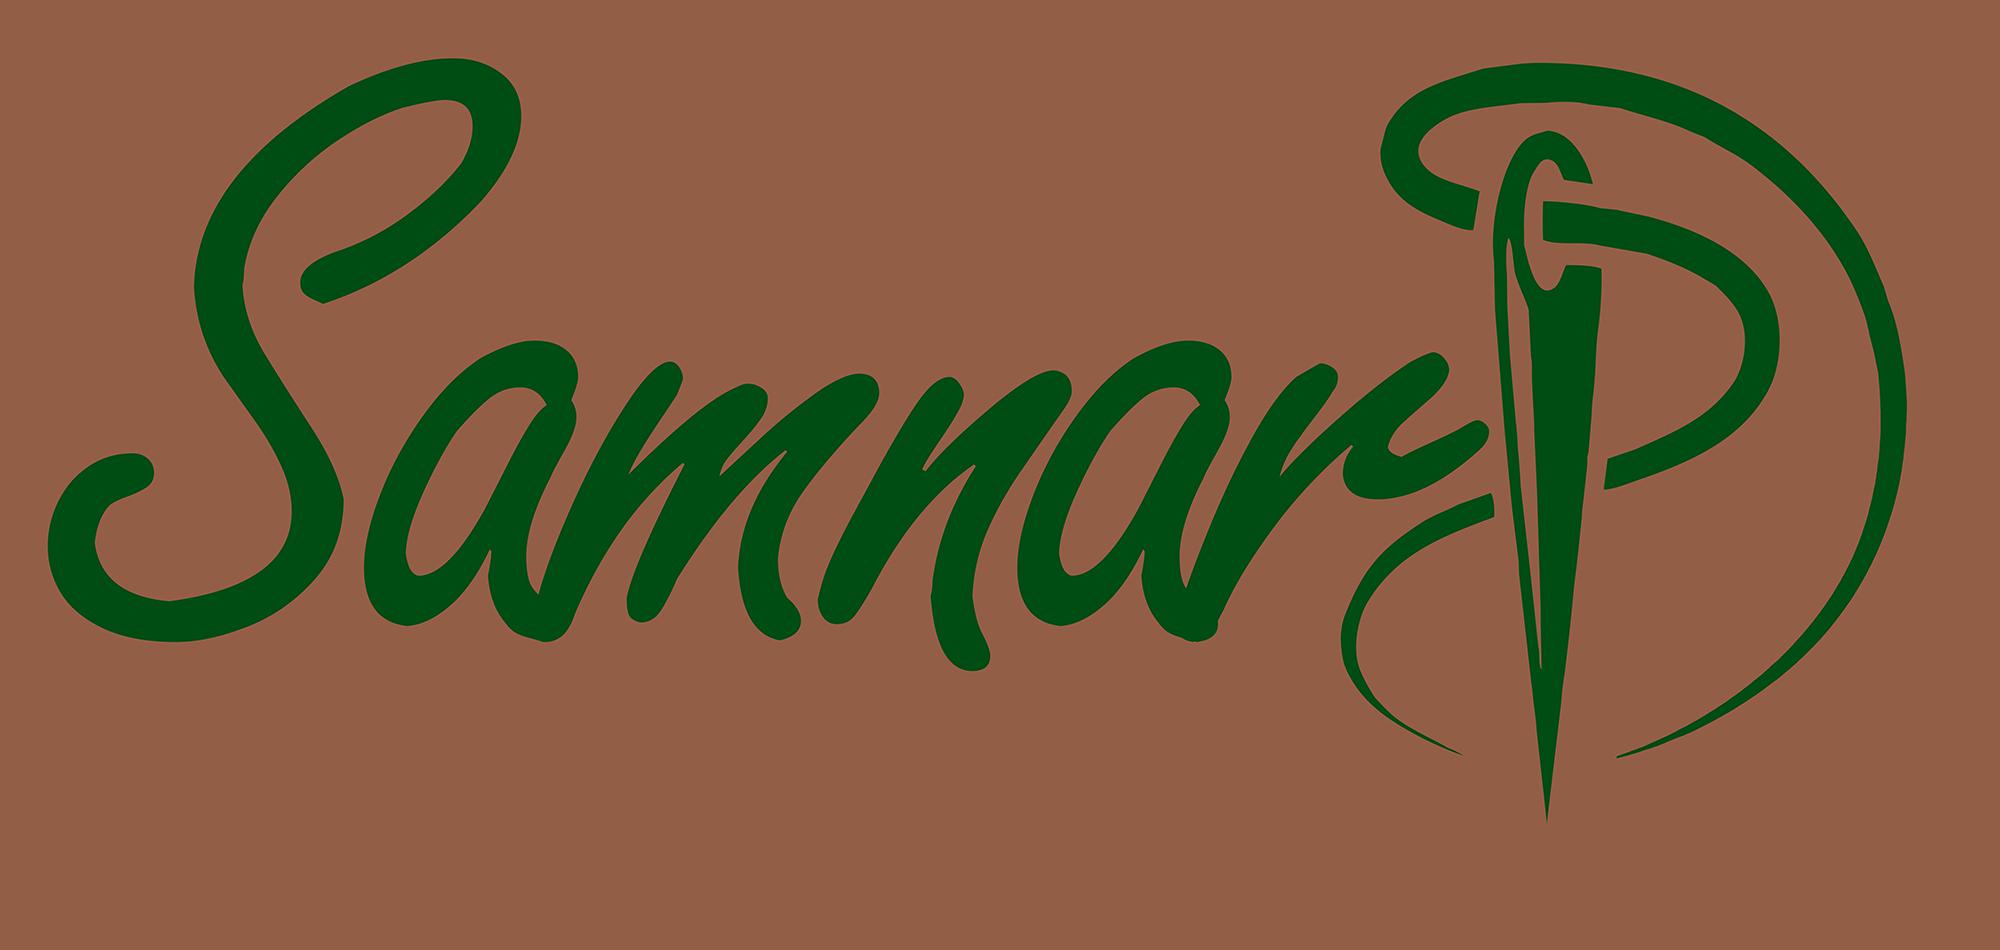 Samnari